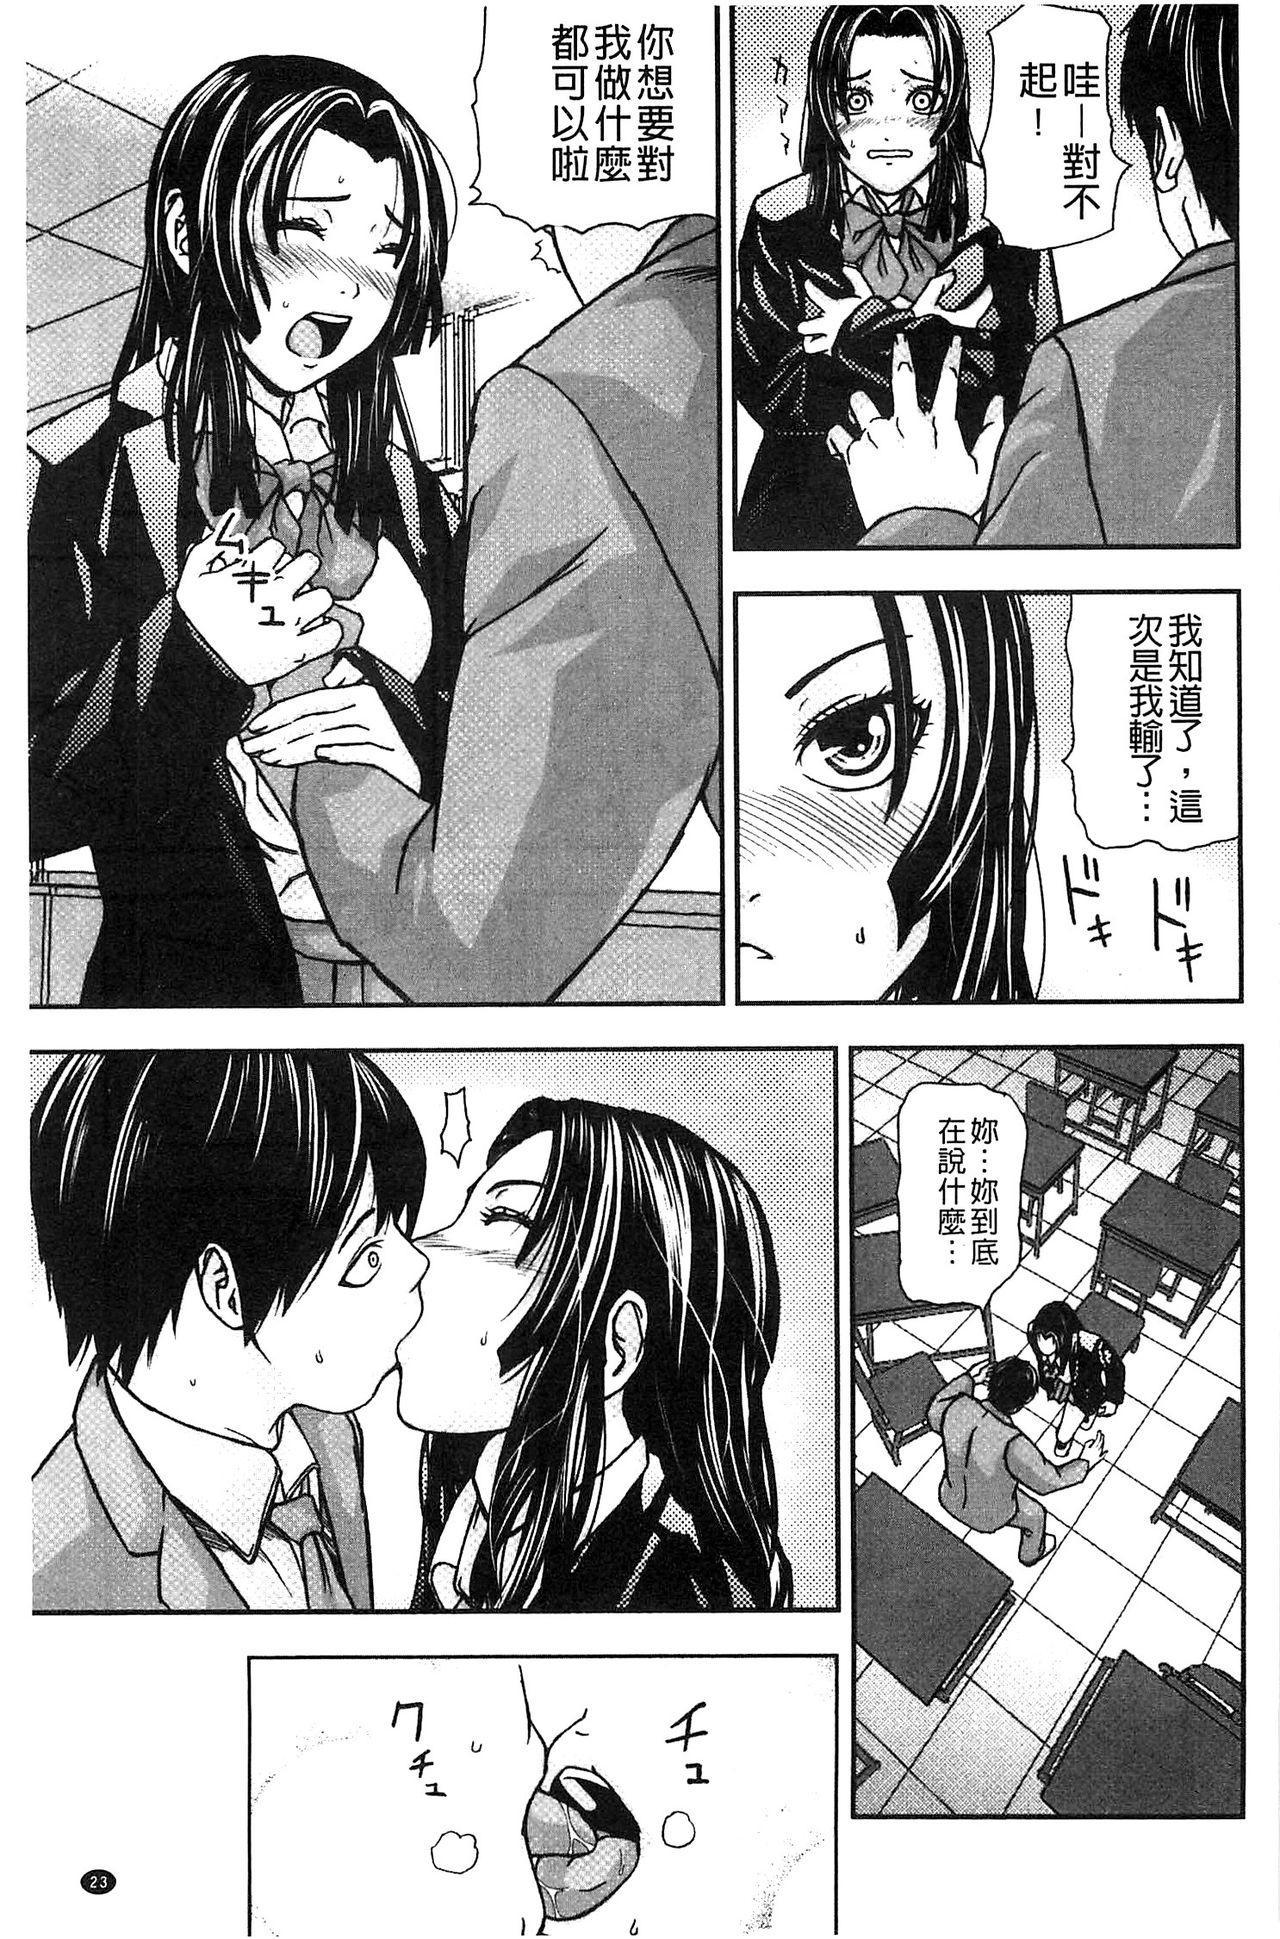 Koijirushi Love Milk | 戀印愛慾鮮乳 24